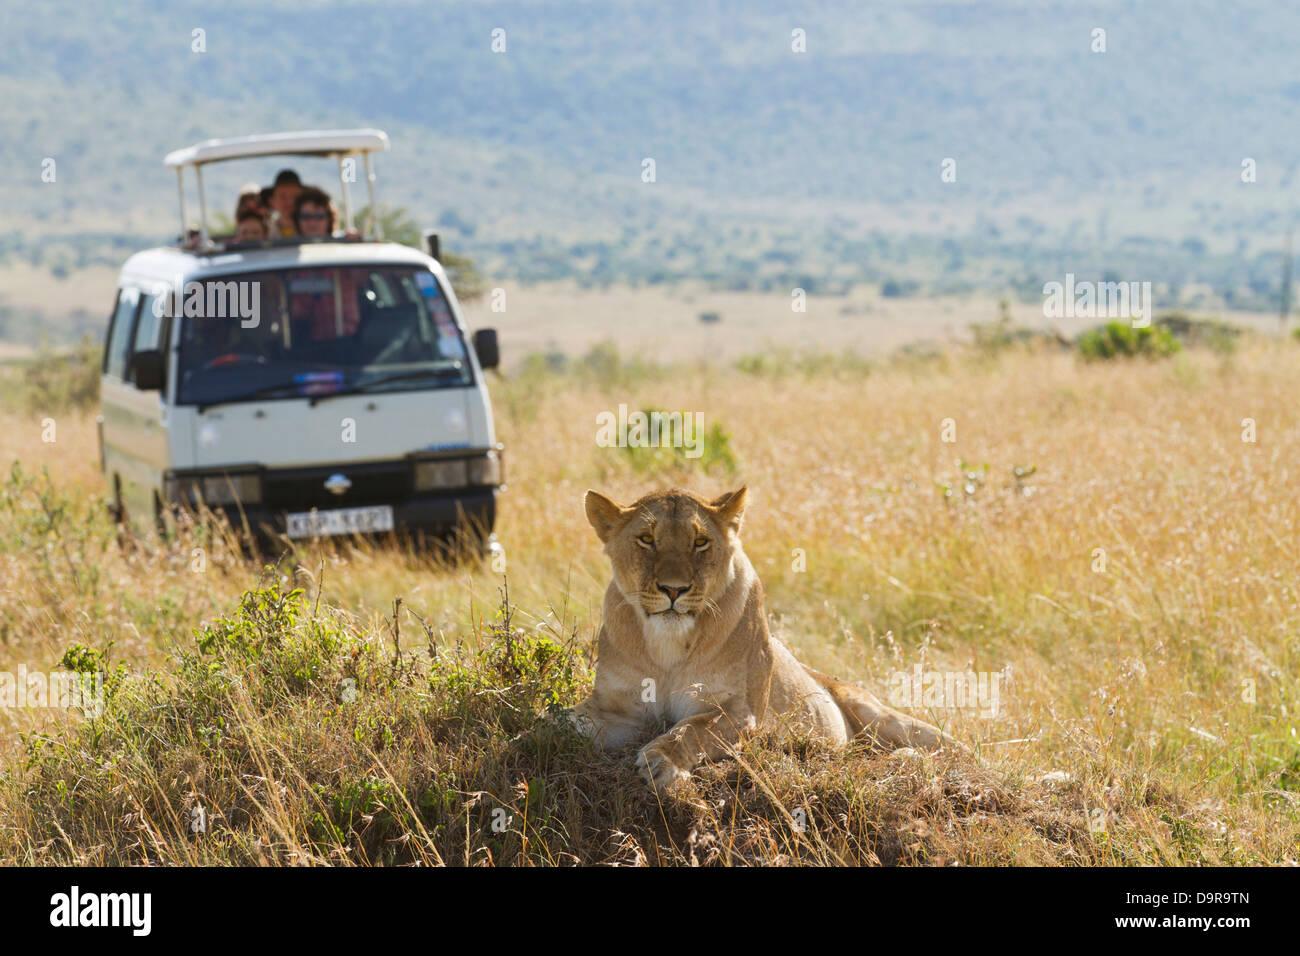 Africa wildlife safari turisti osservando la femmina leone selvatico nella savana in una giornata di sole in Masai Immagini Stock